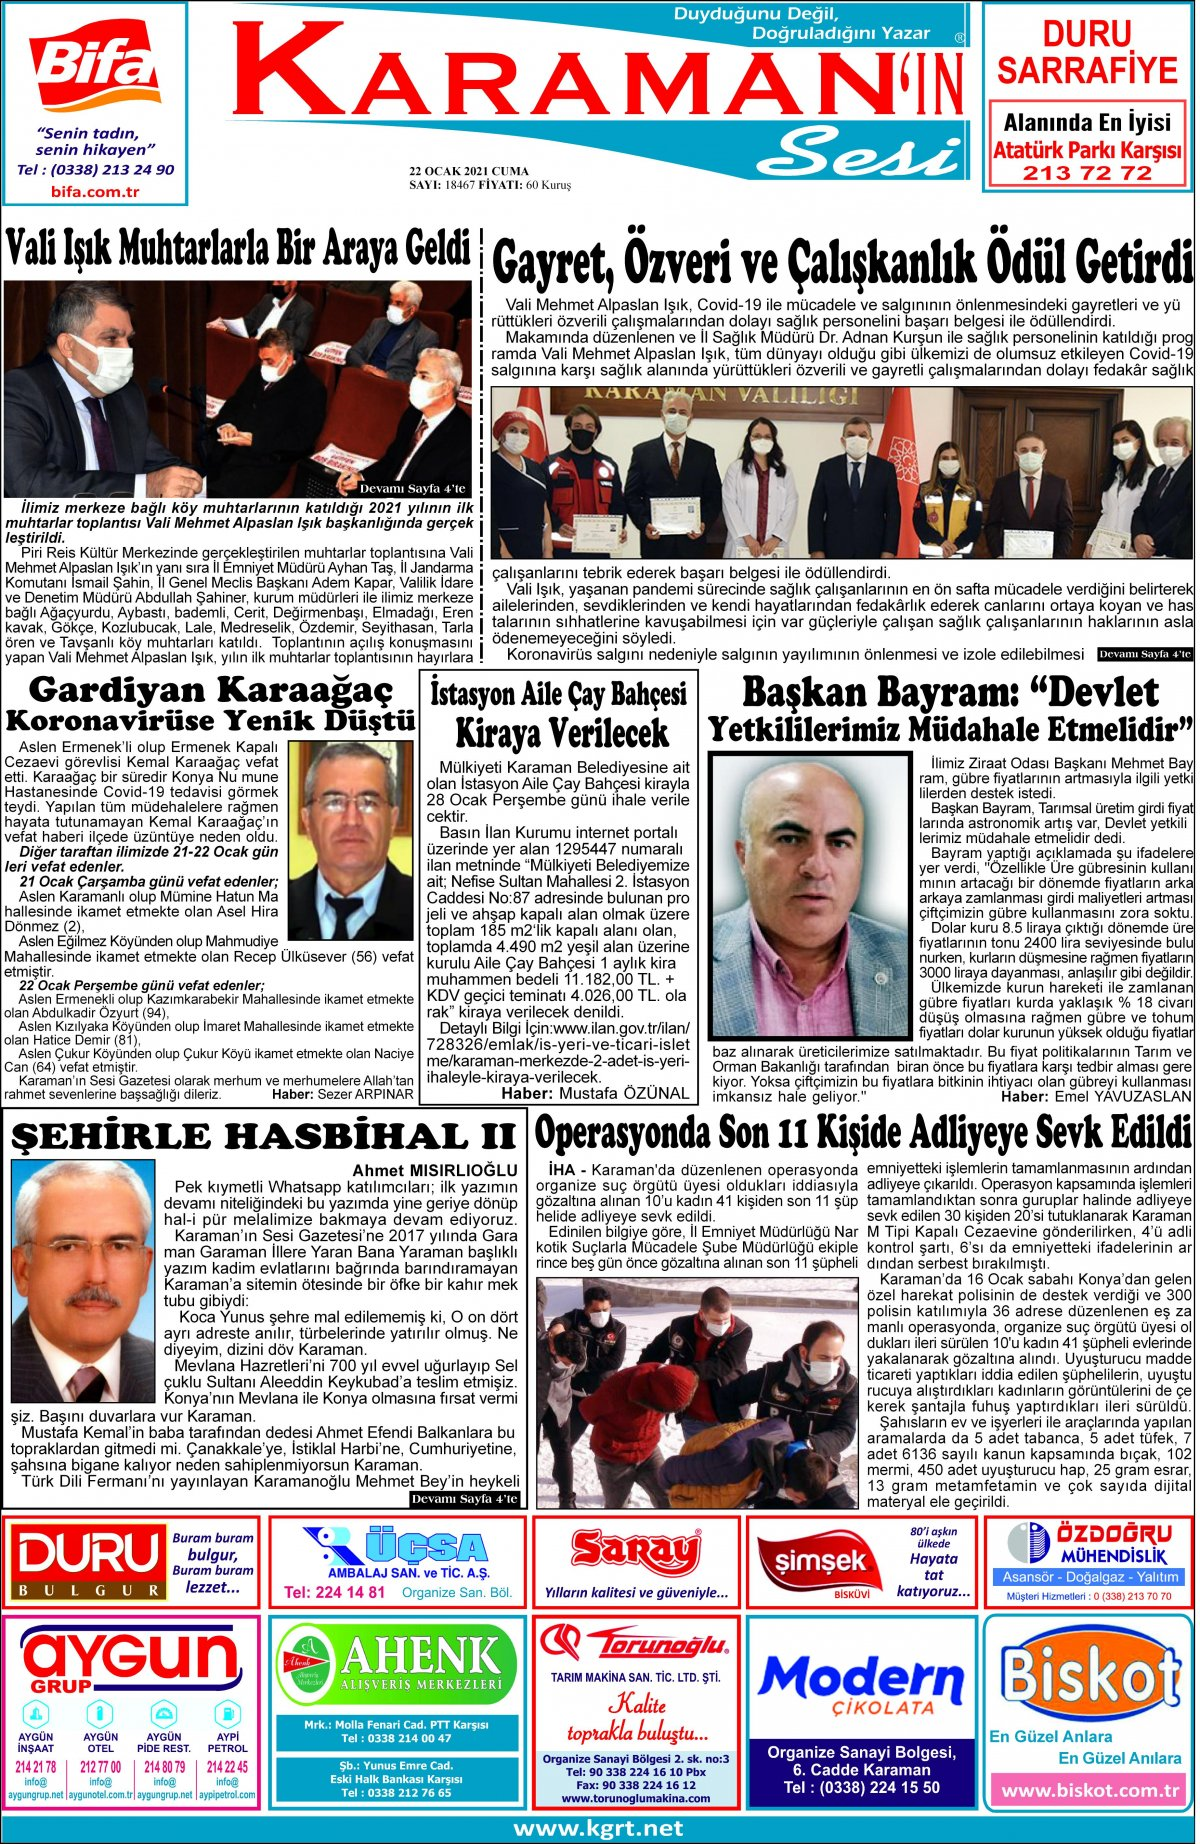 Karaman'ın Sesi | Karaman Haber|KGRT Karaman Haber - 22.01.2021 Manşeti